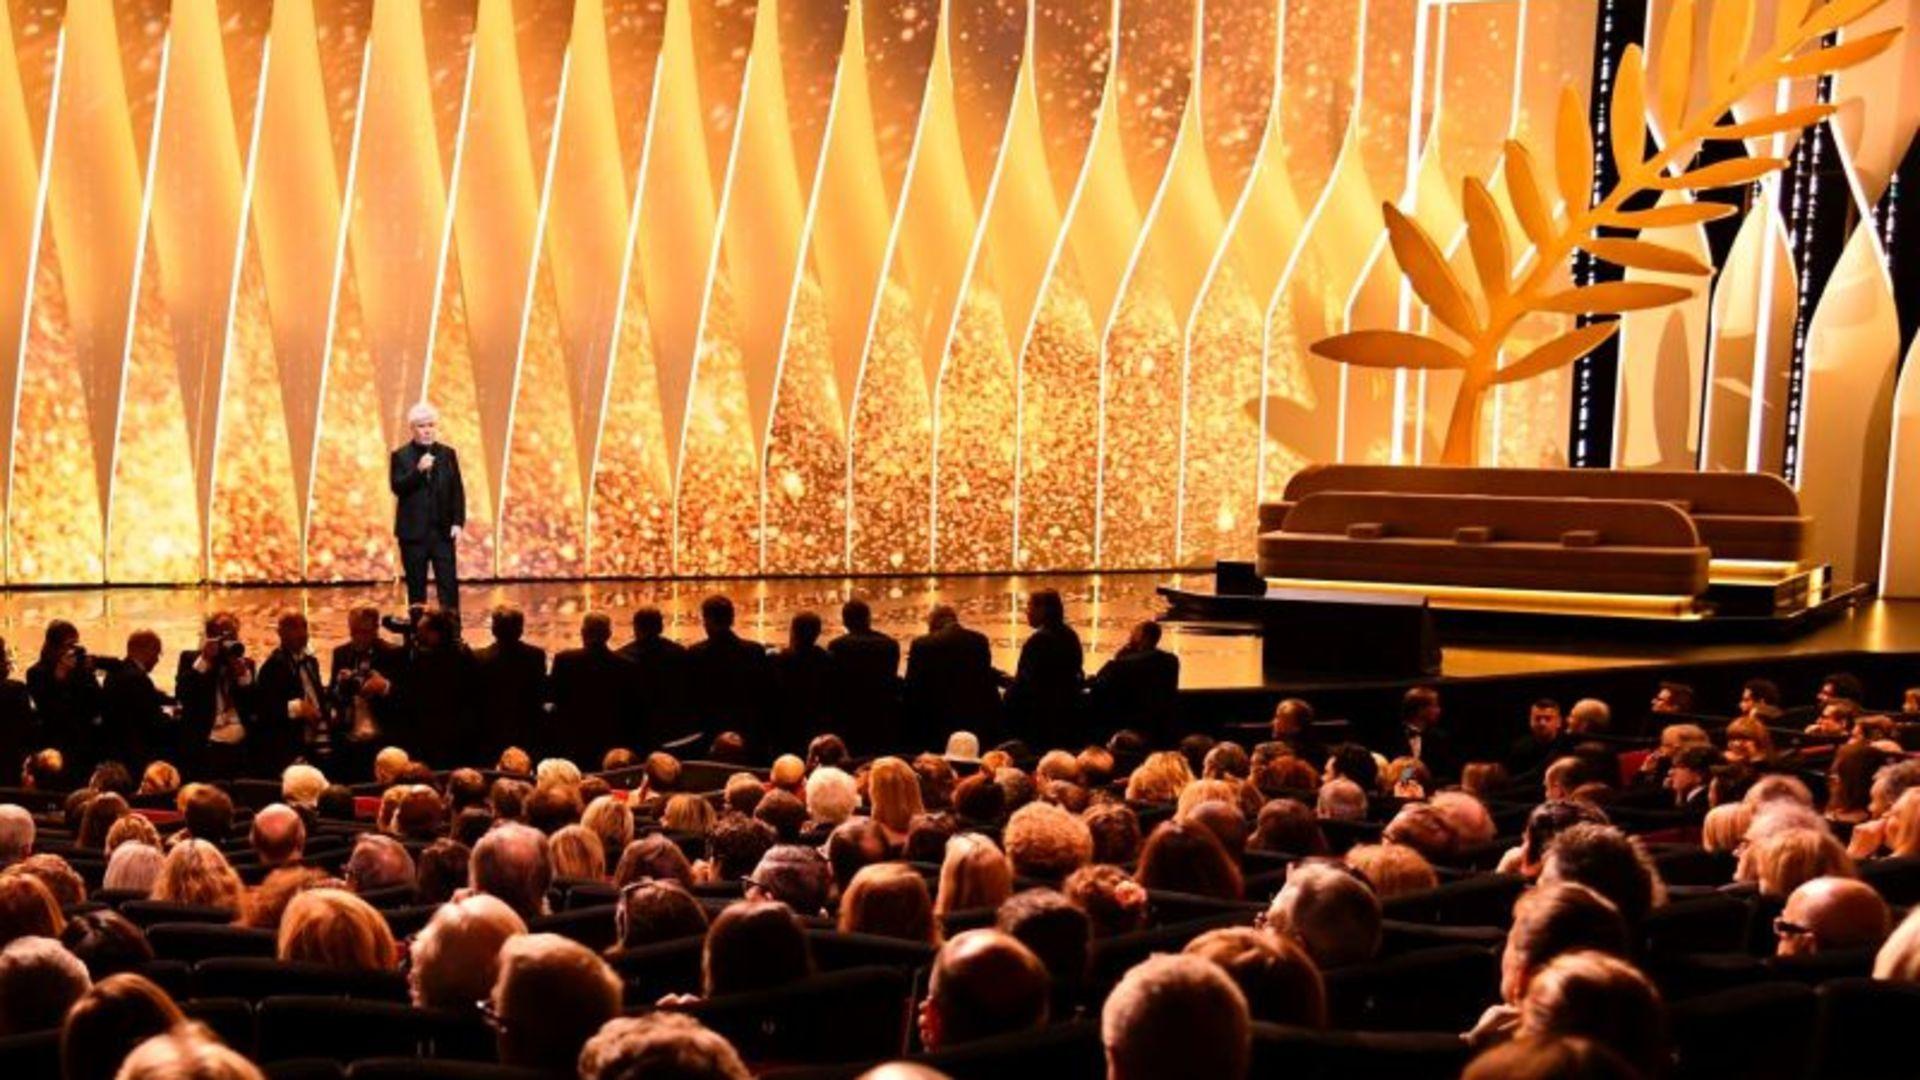 Filmfestival Cannes officieel geschrapt van de agenda